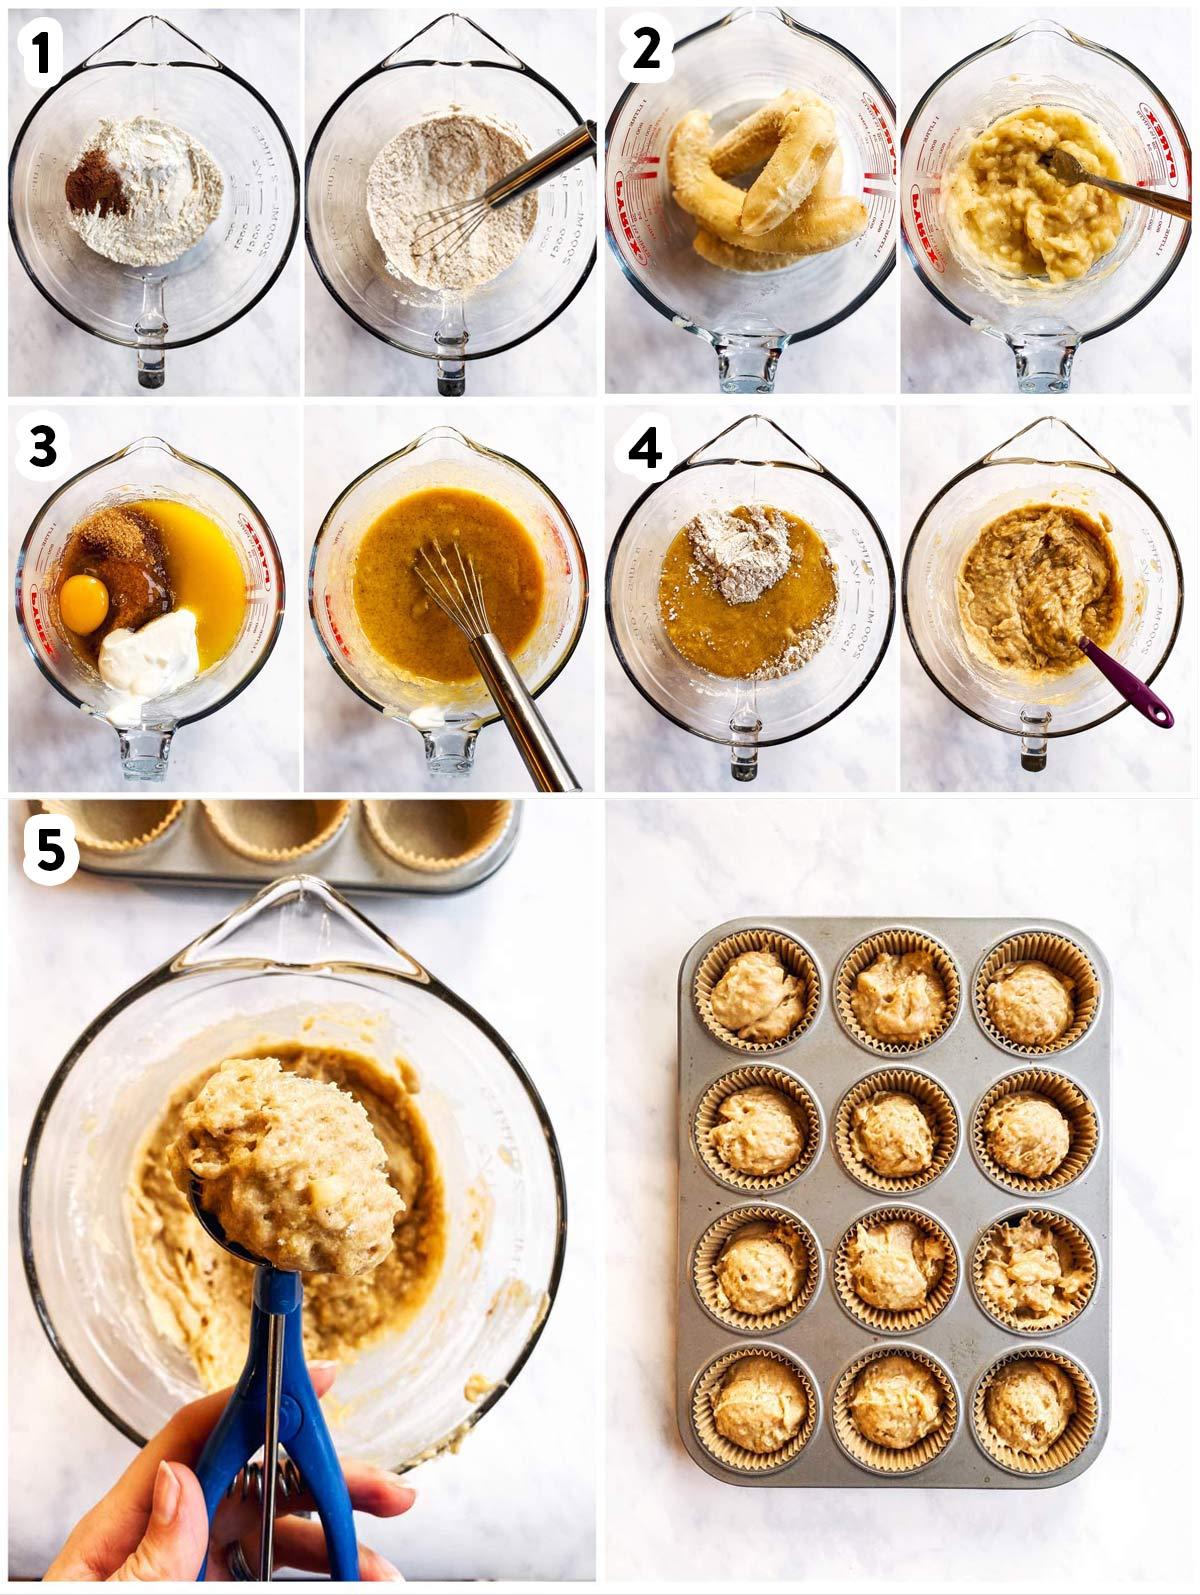 Bild-Collage mit Schritten, um Bananenmuffins zu backen